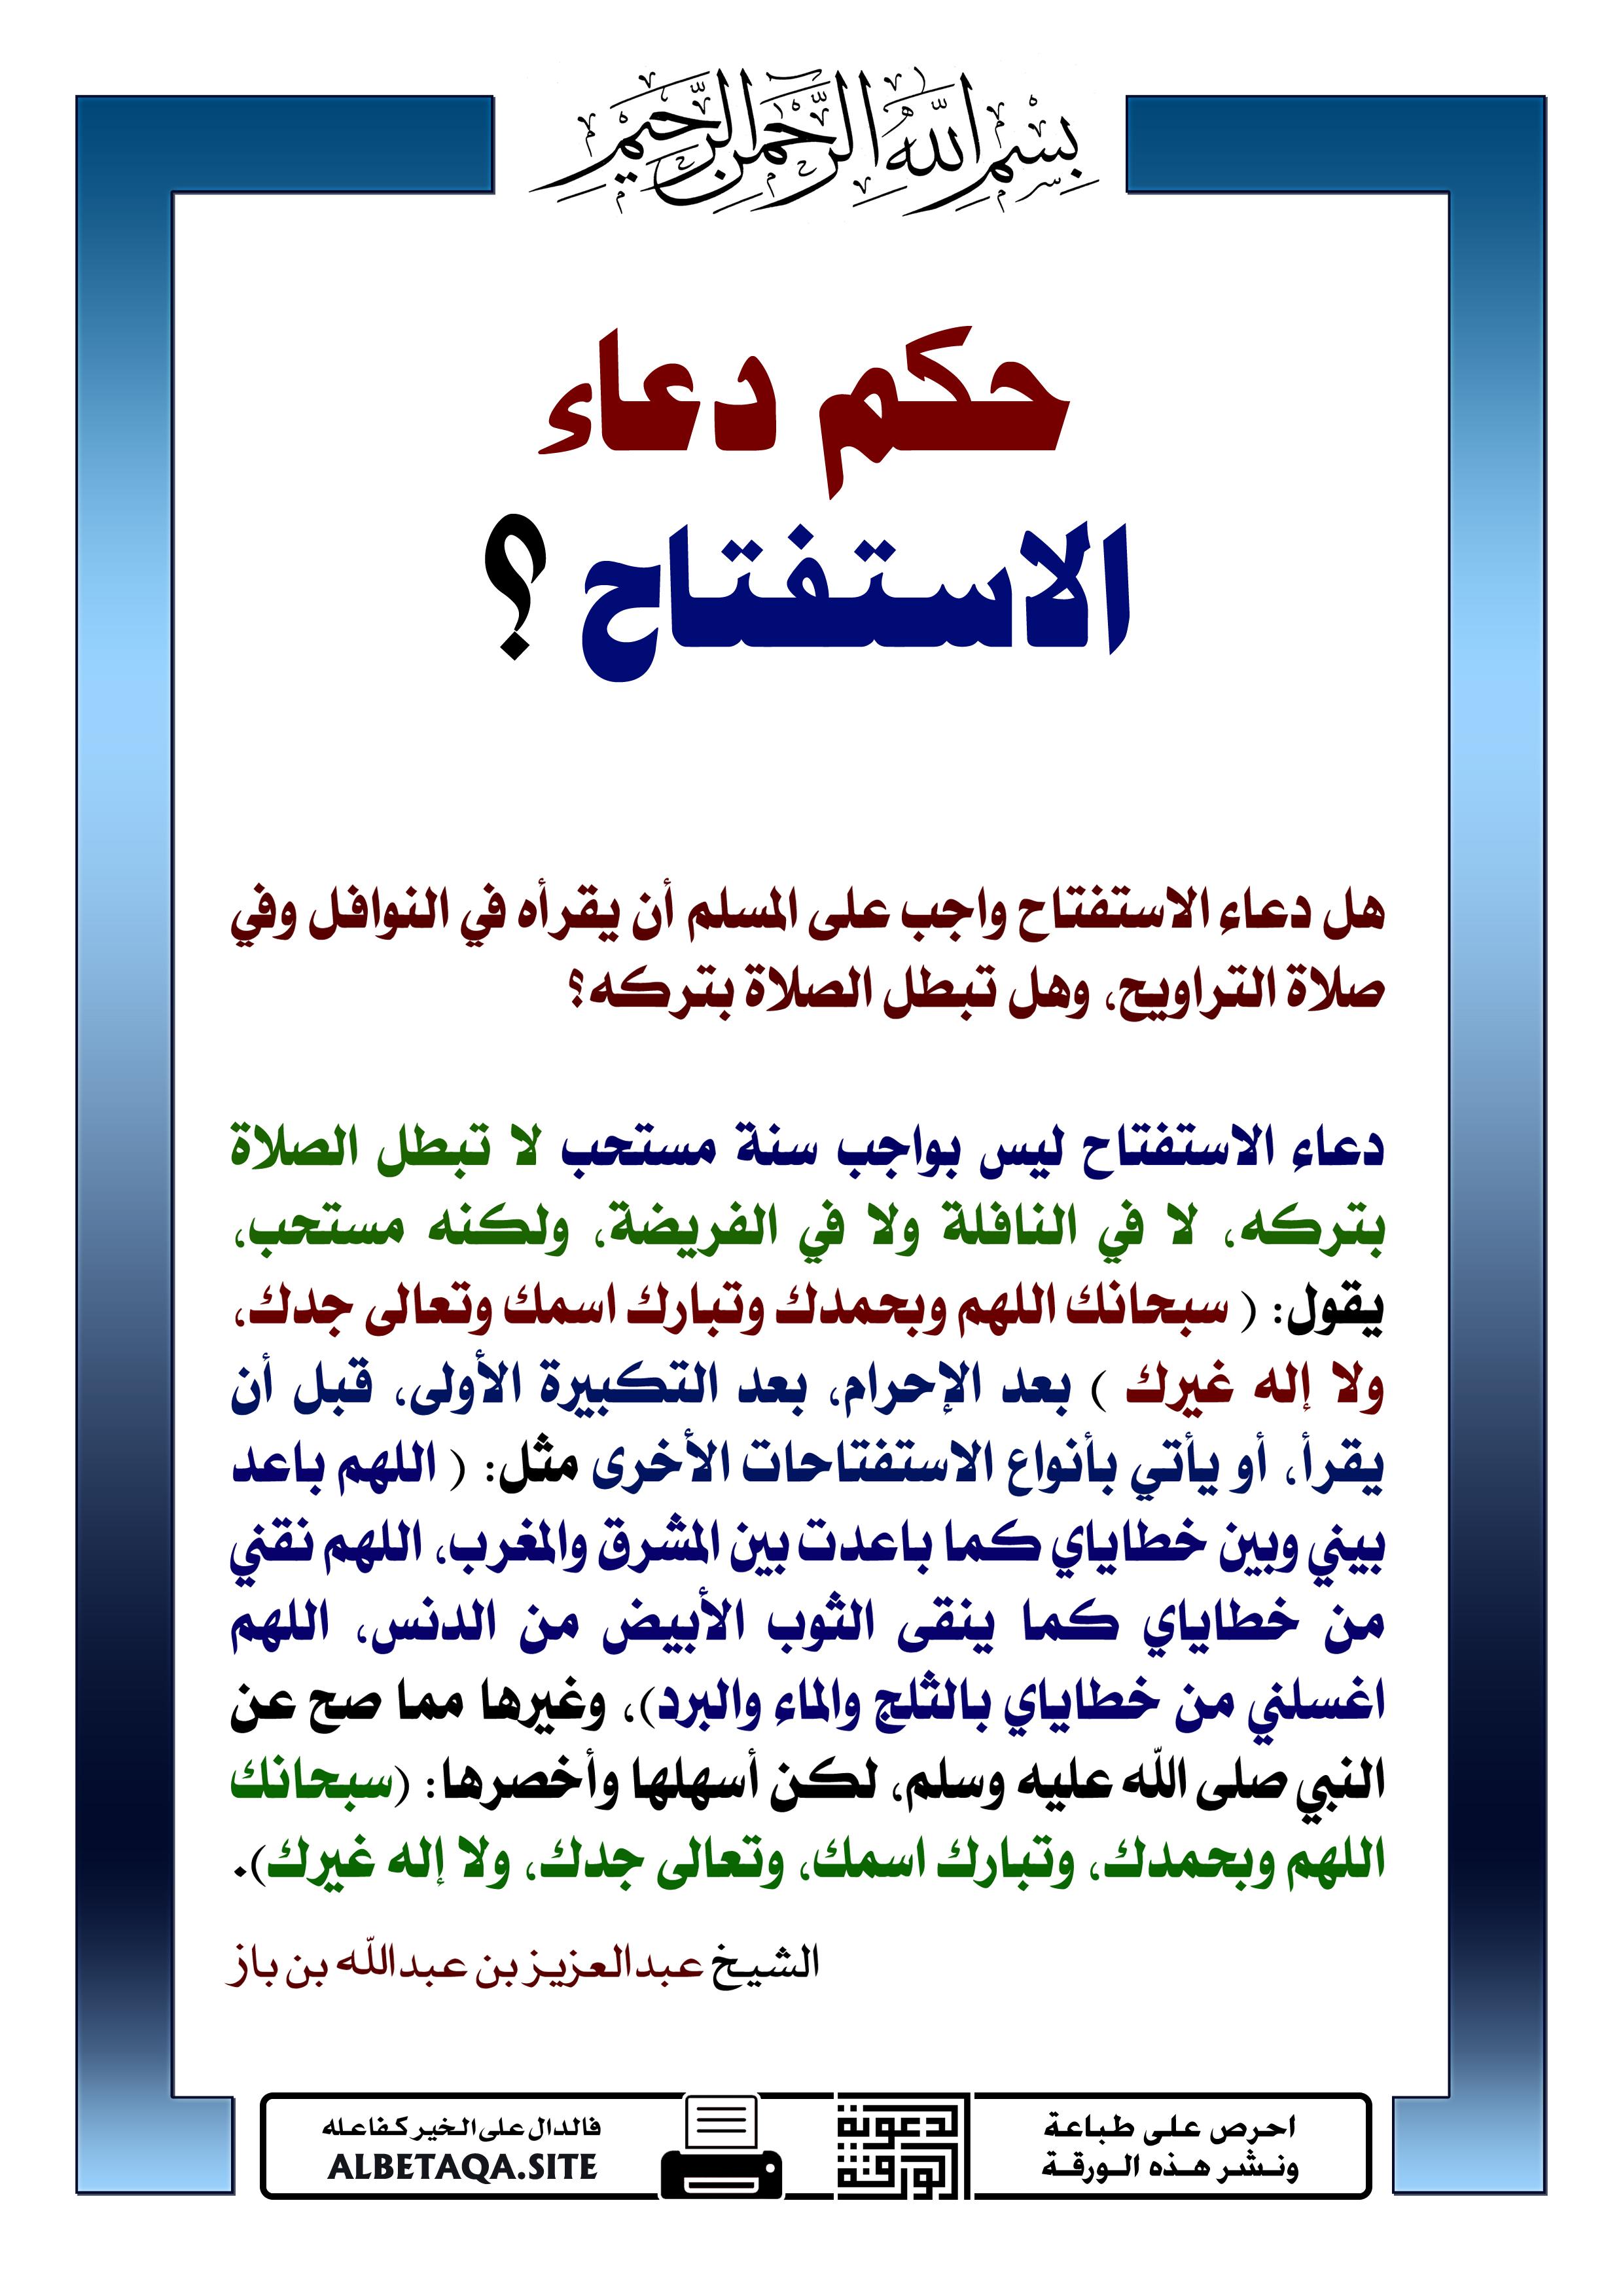 حكم دعاء الاستفتاح موقع البطاقة الدعوي